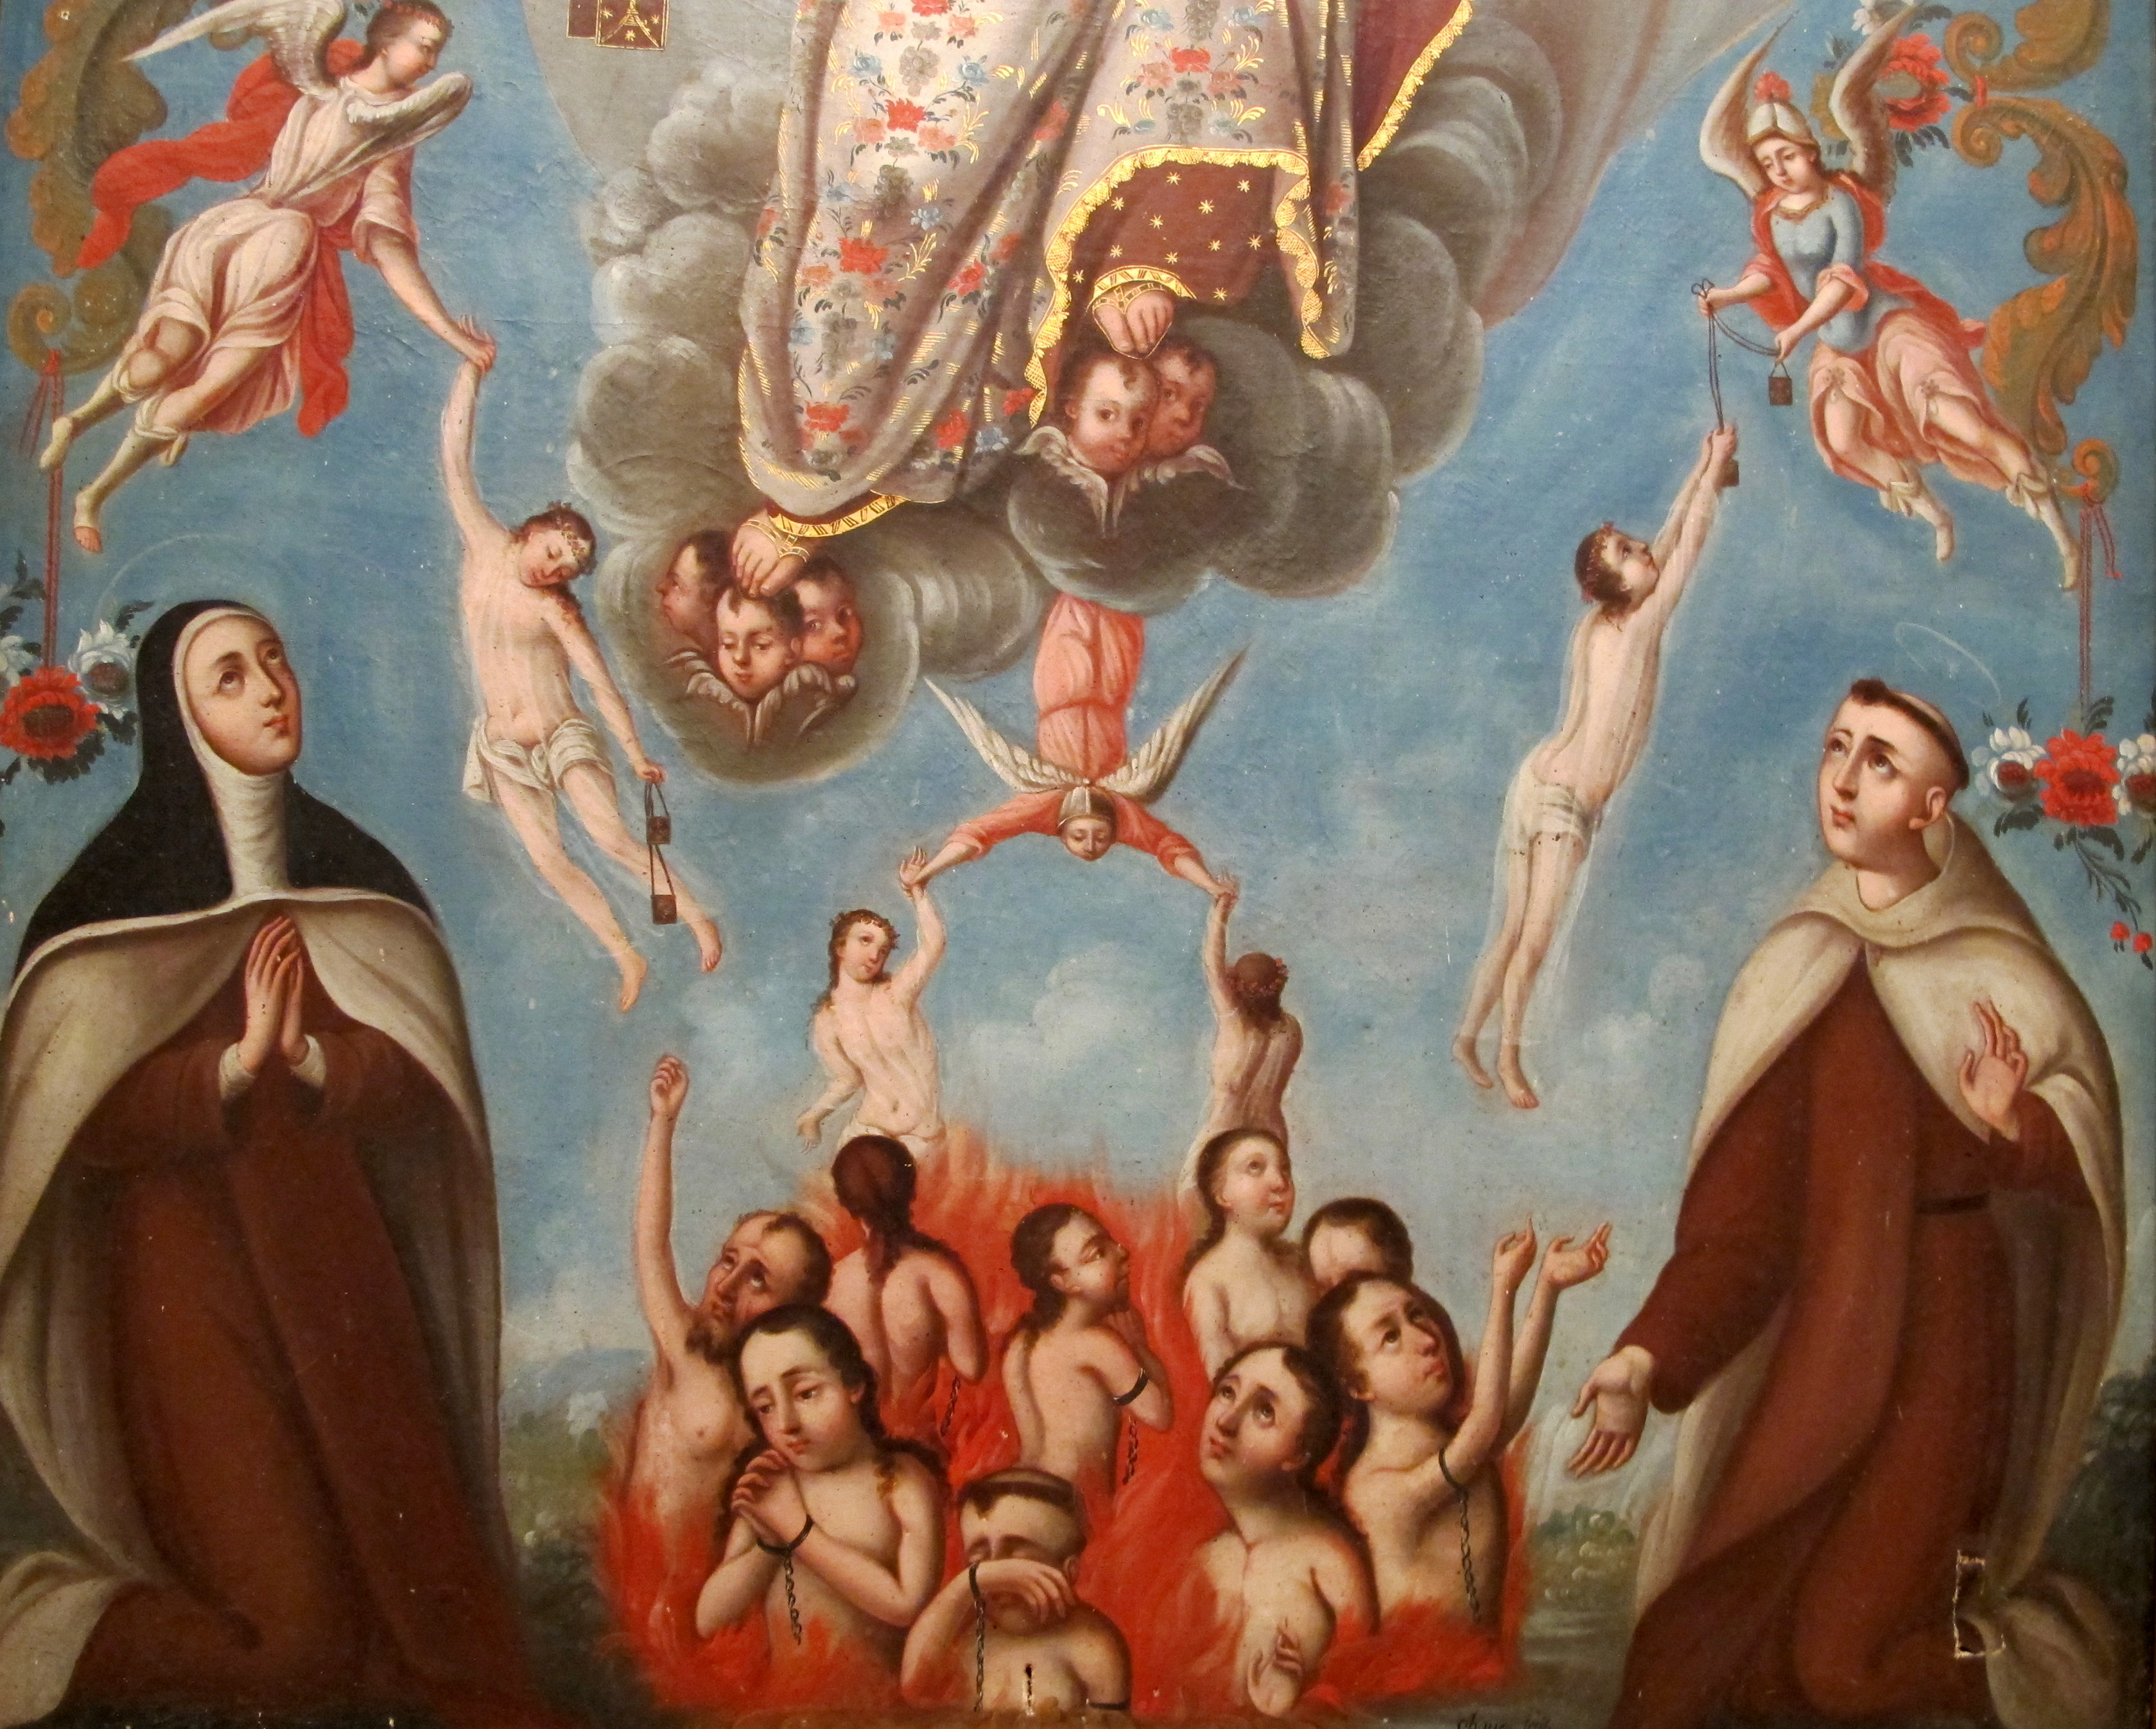 Le Notre Père de Sainte Mechtilde pour les âmes du purgatoire Arrachc3a9-du-purgatoire-scapulaire